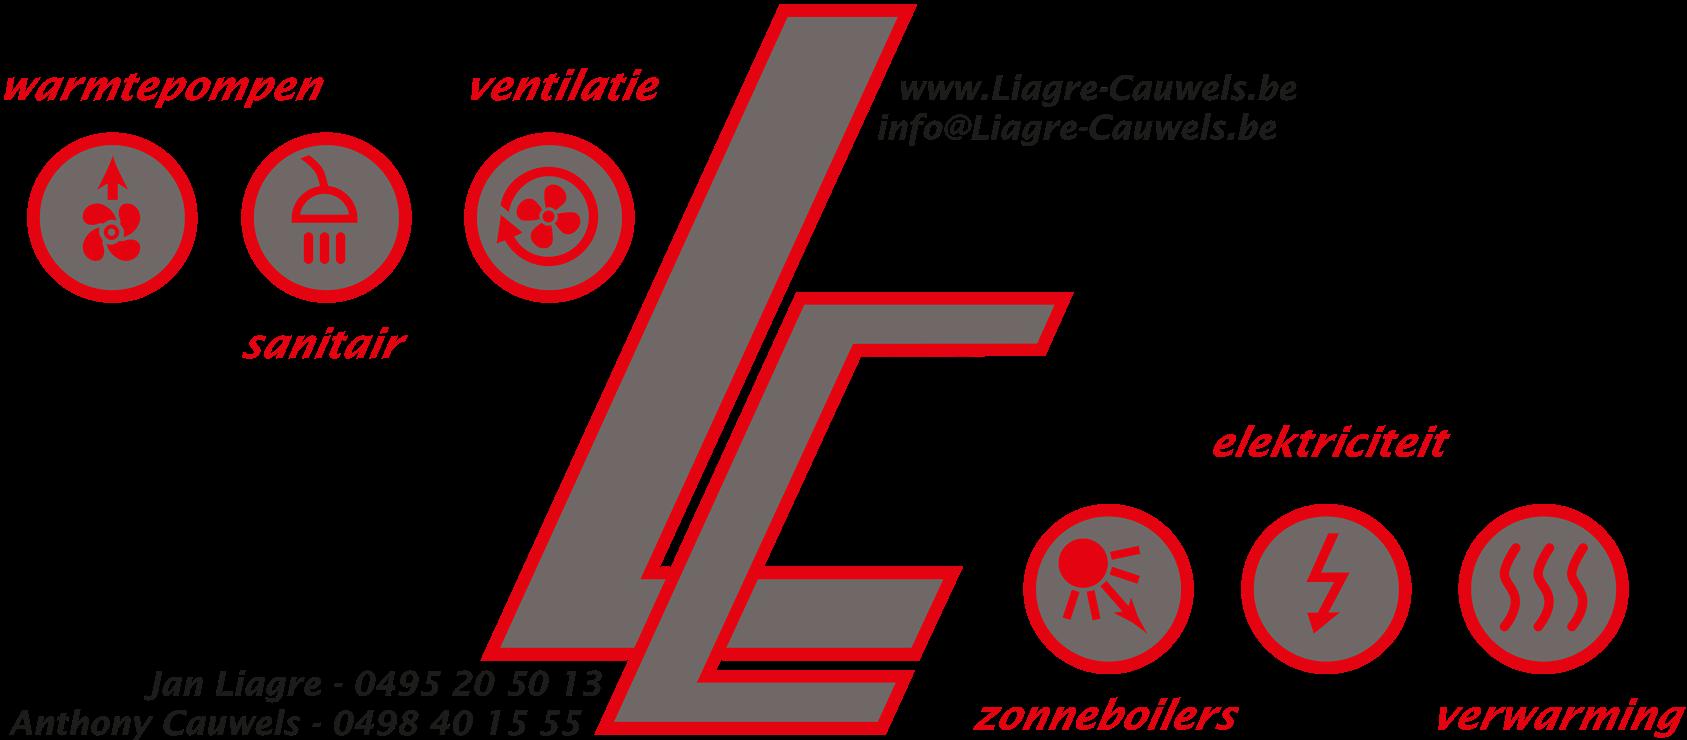 Logo Liagre-Cauwels Izegem